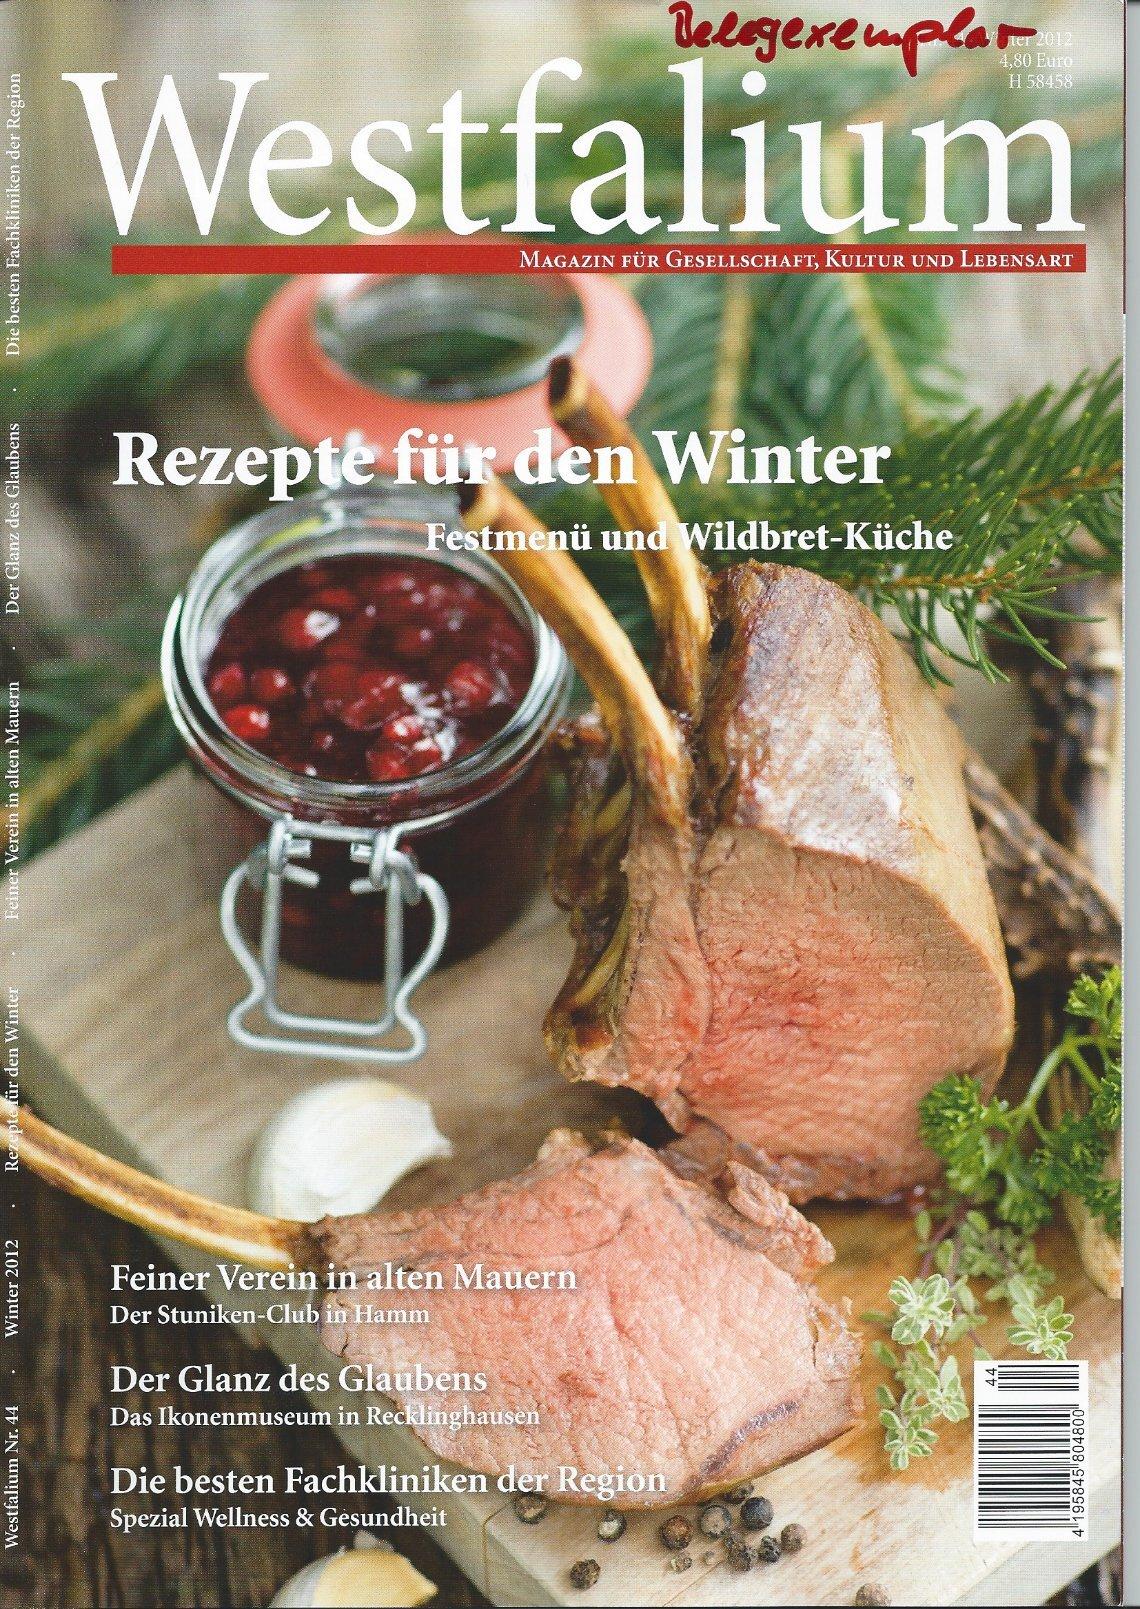 Niedlich Handgemachte Küchen Ostlondon Galerie - Ideen Für Die Küche ...